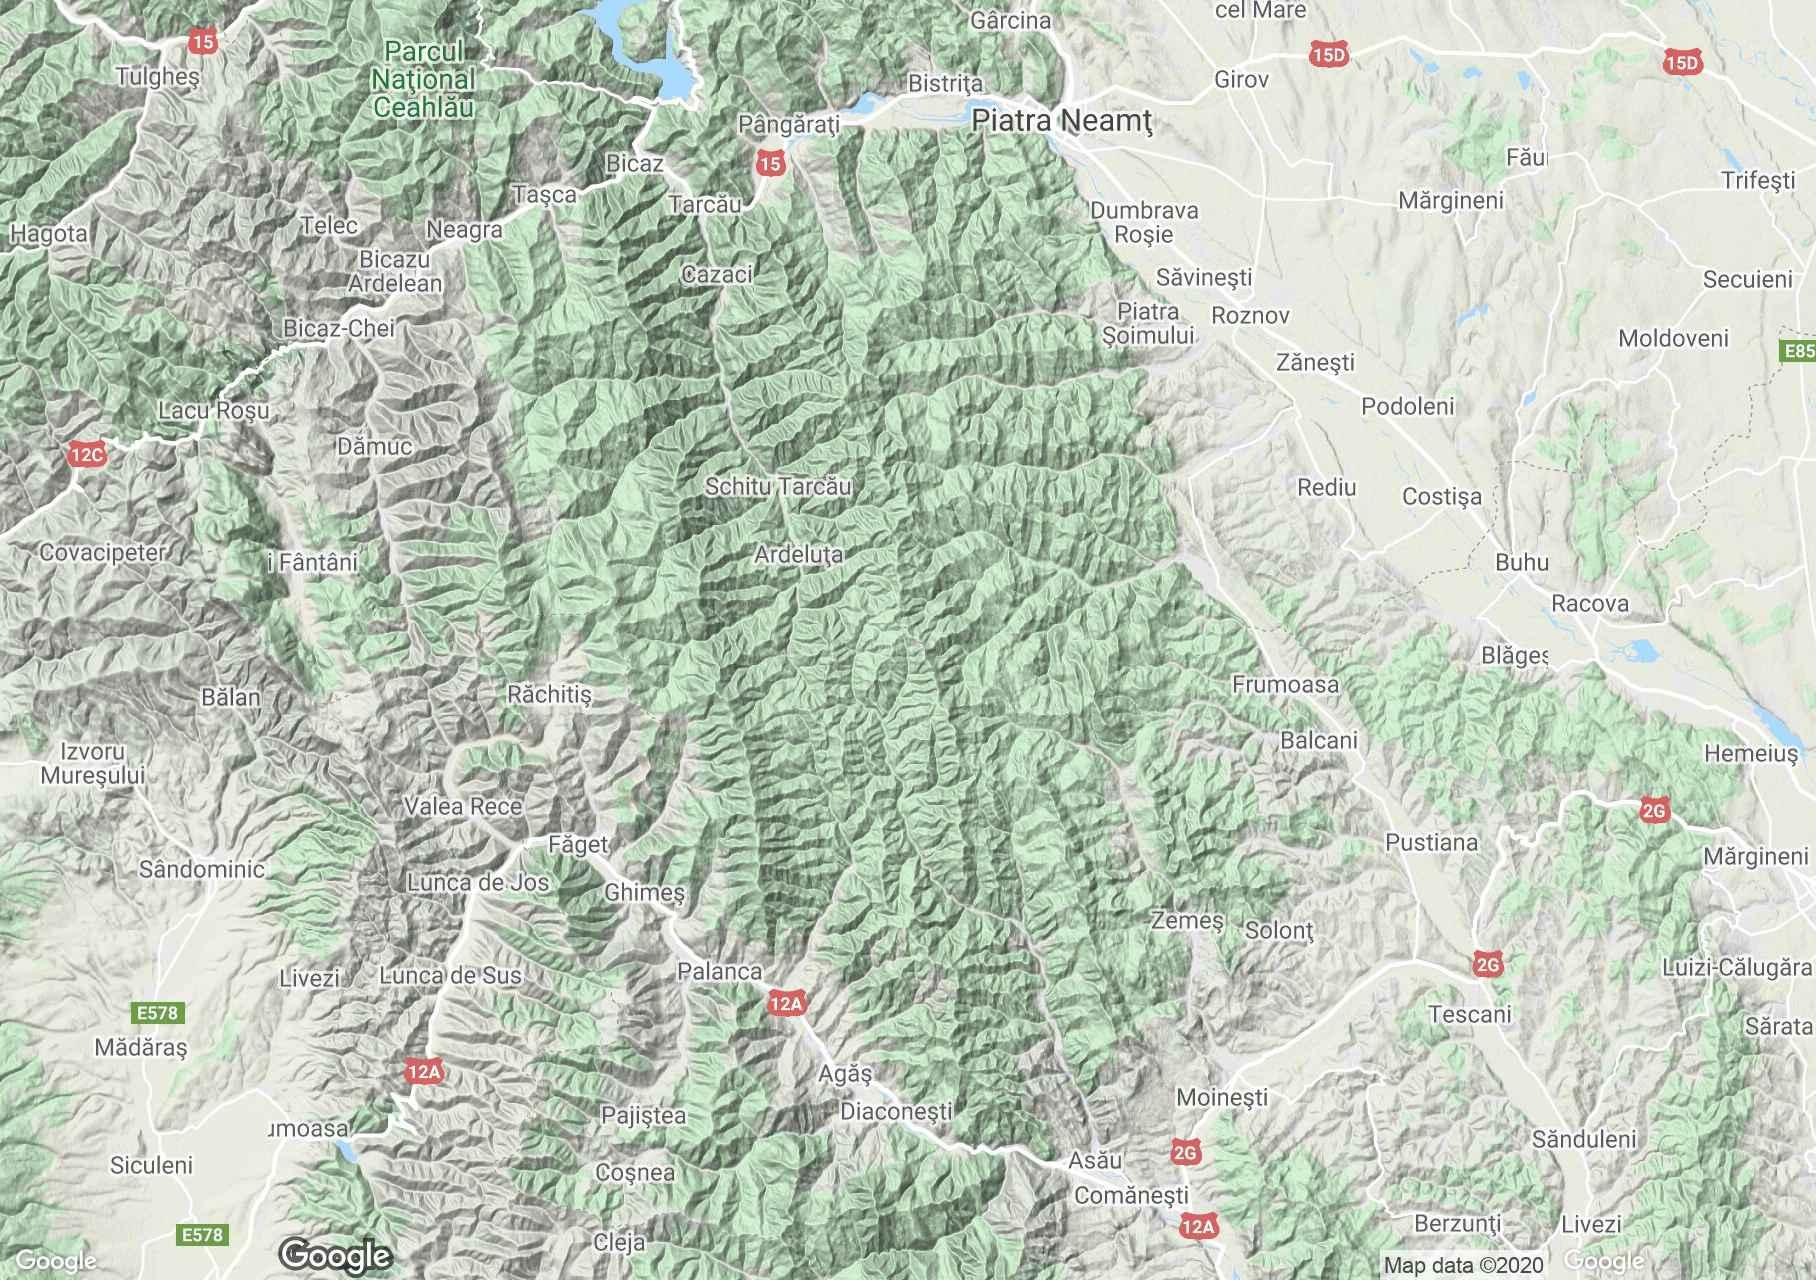 Munţii Gosmanu, Harta turistică interactivă